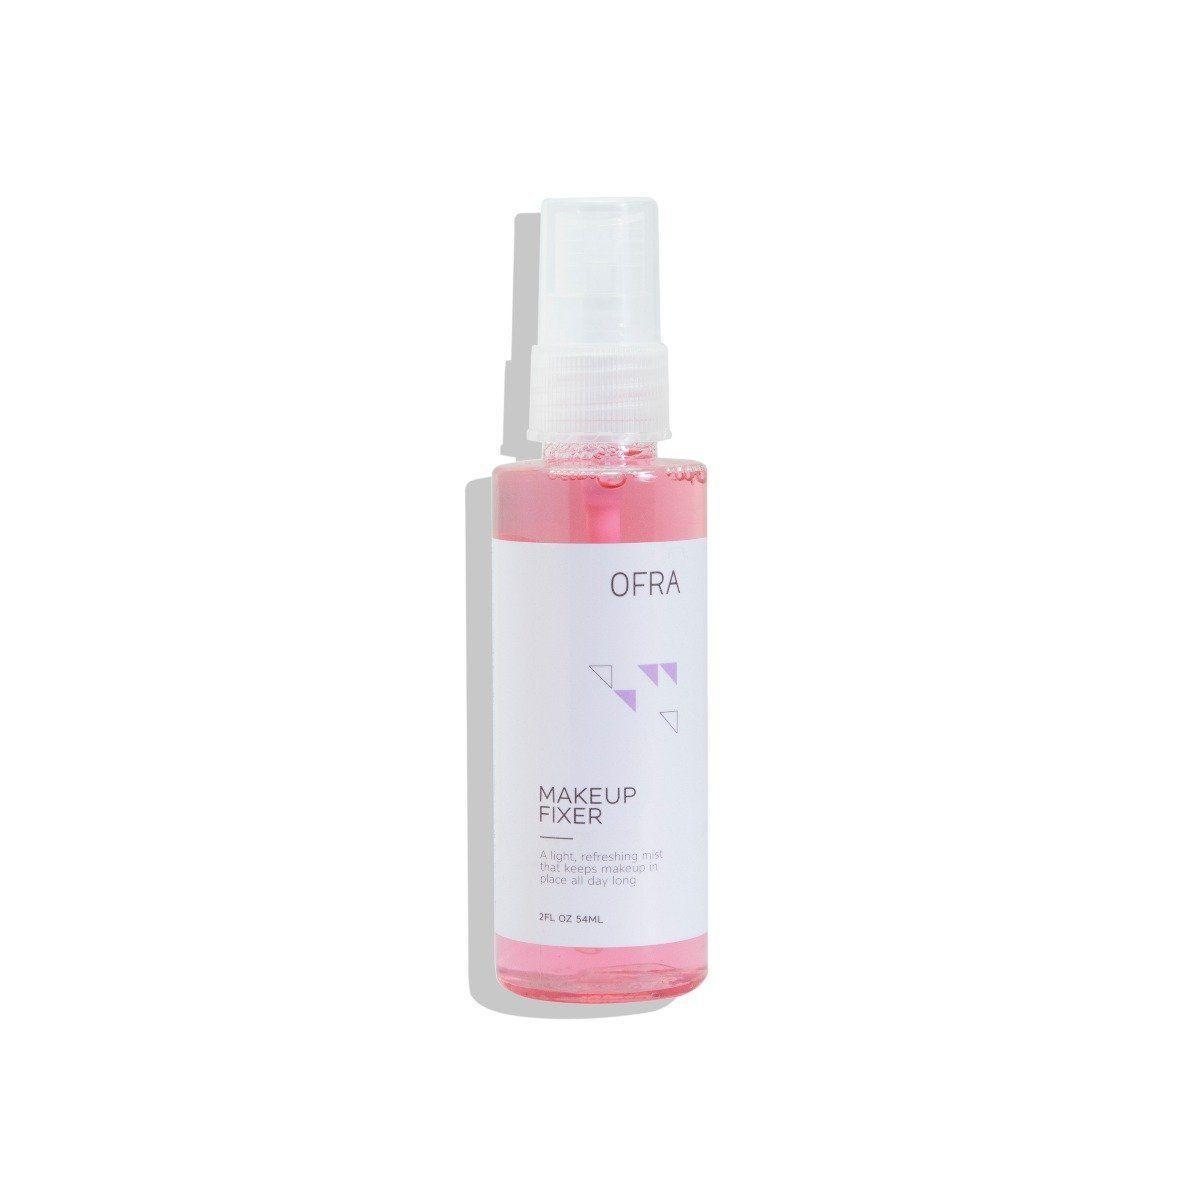 OFRA Makeup Fixer Light Mist 54ml